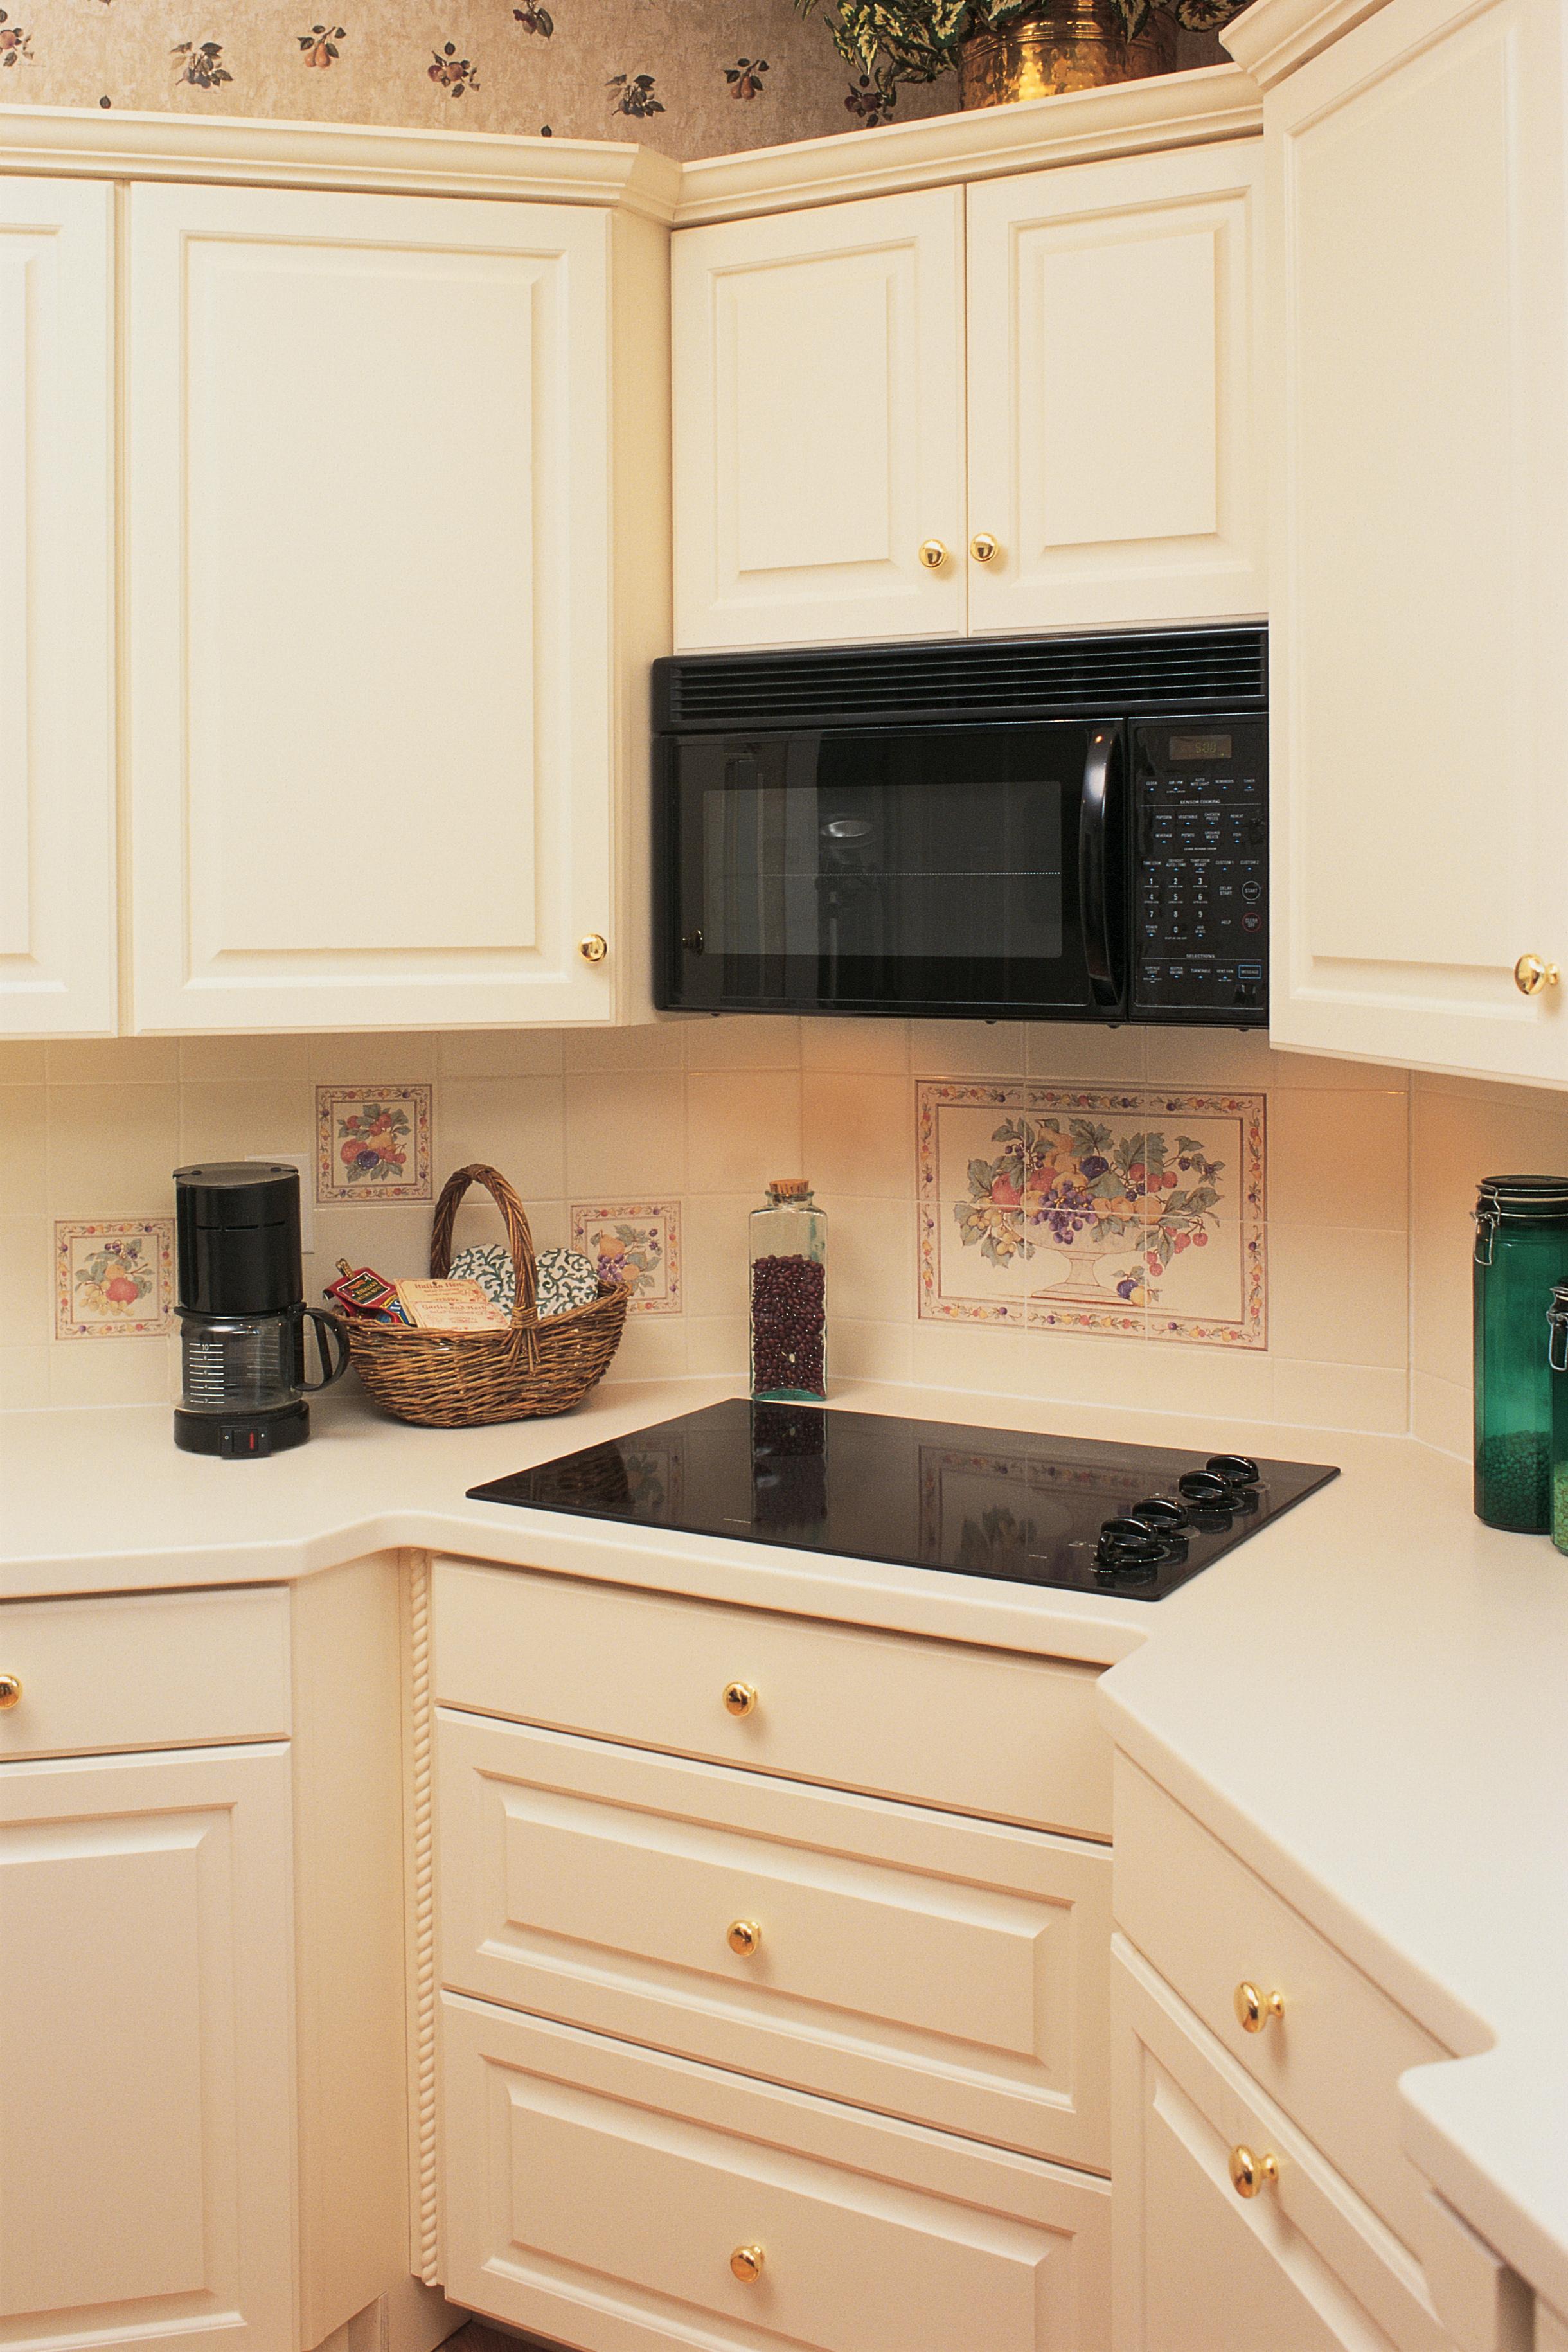 Cuánto espacio se necesita entre una estufa y la ventilación? |